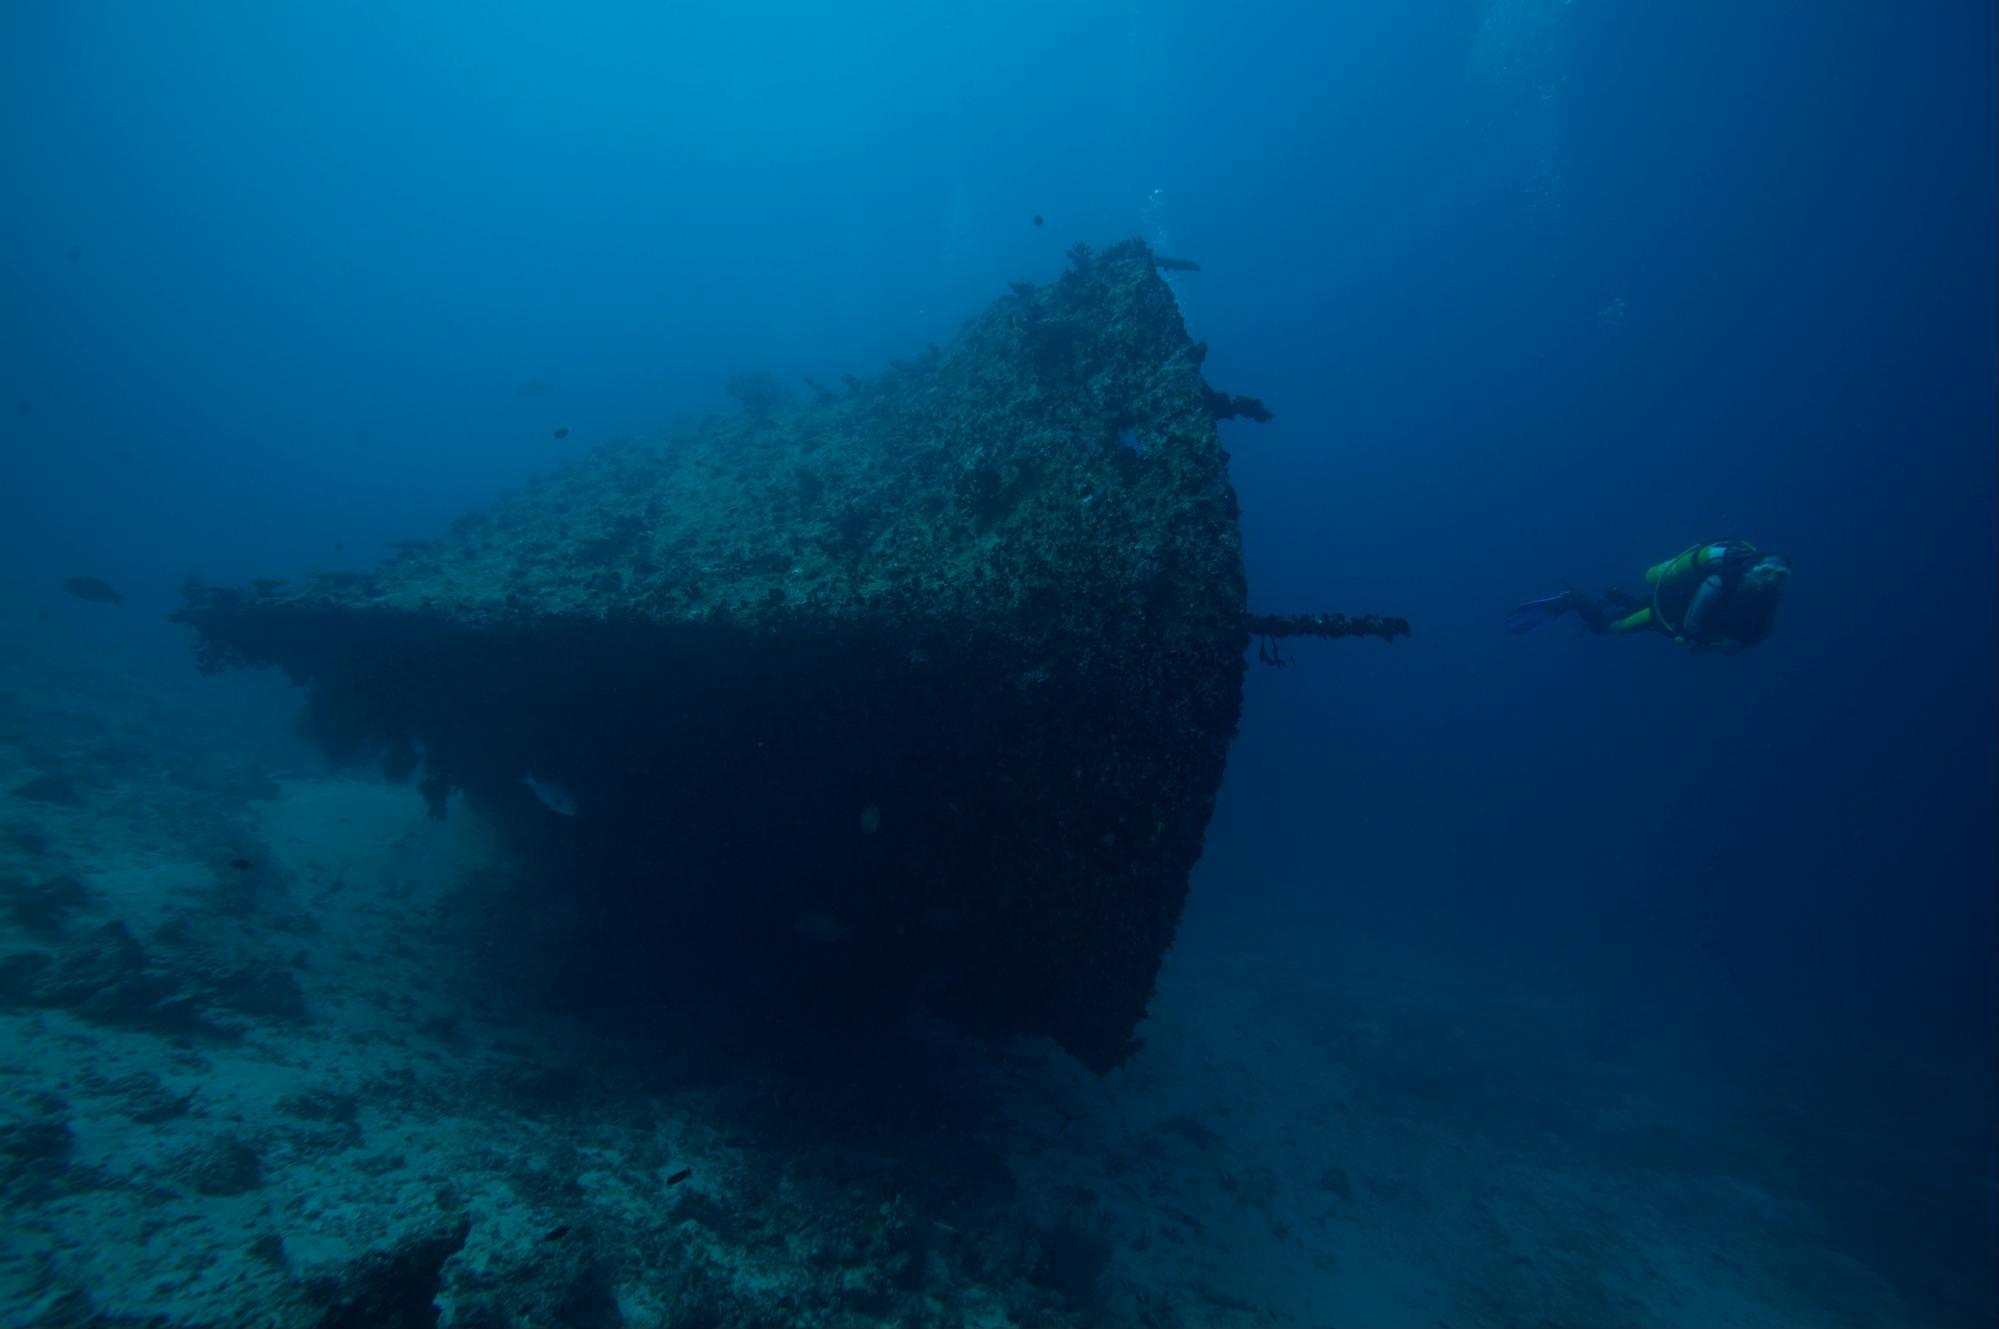 Shipwreck dive site in the Maldives